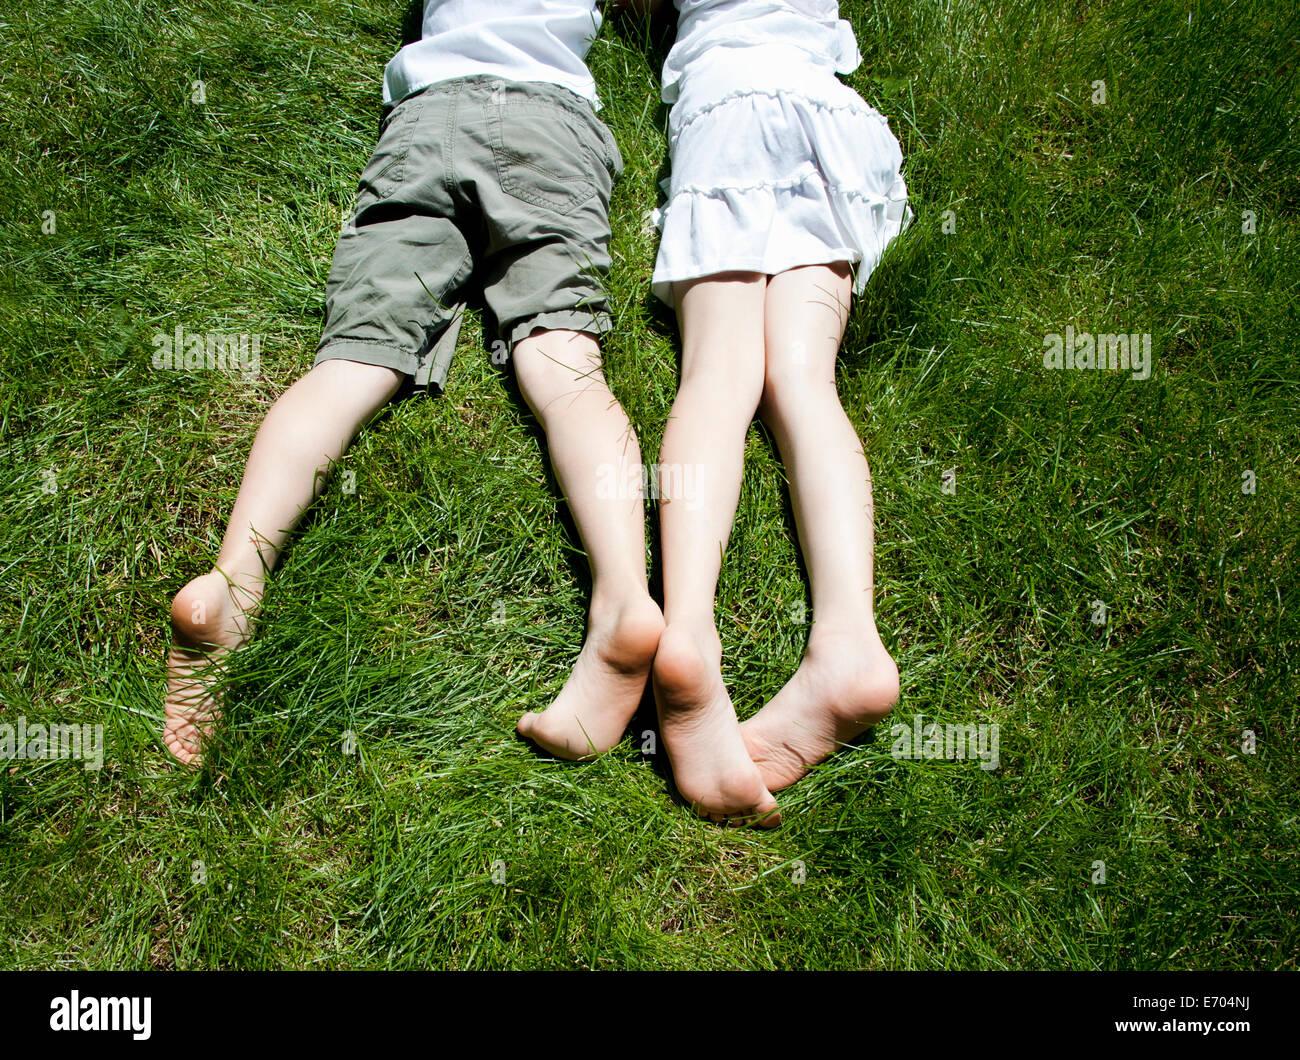 Vue de dessus de frère et soeurs jambes comme ils se couchaient dans l'herbe Photo Stock